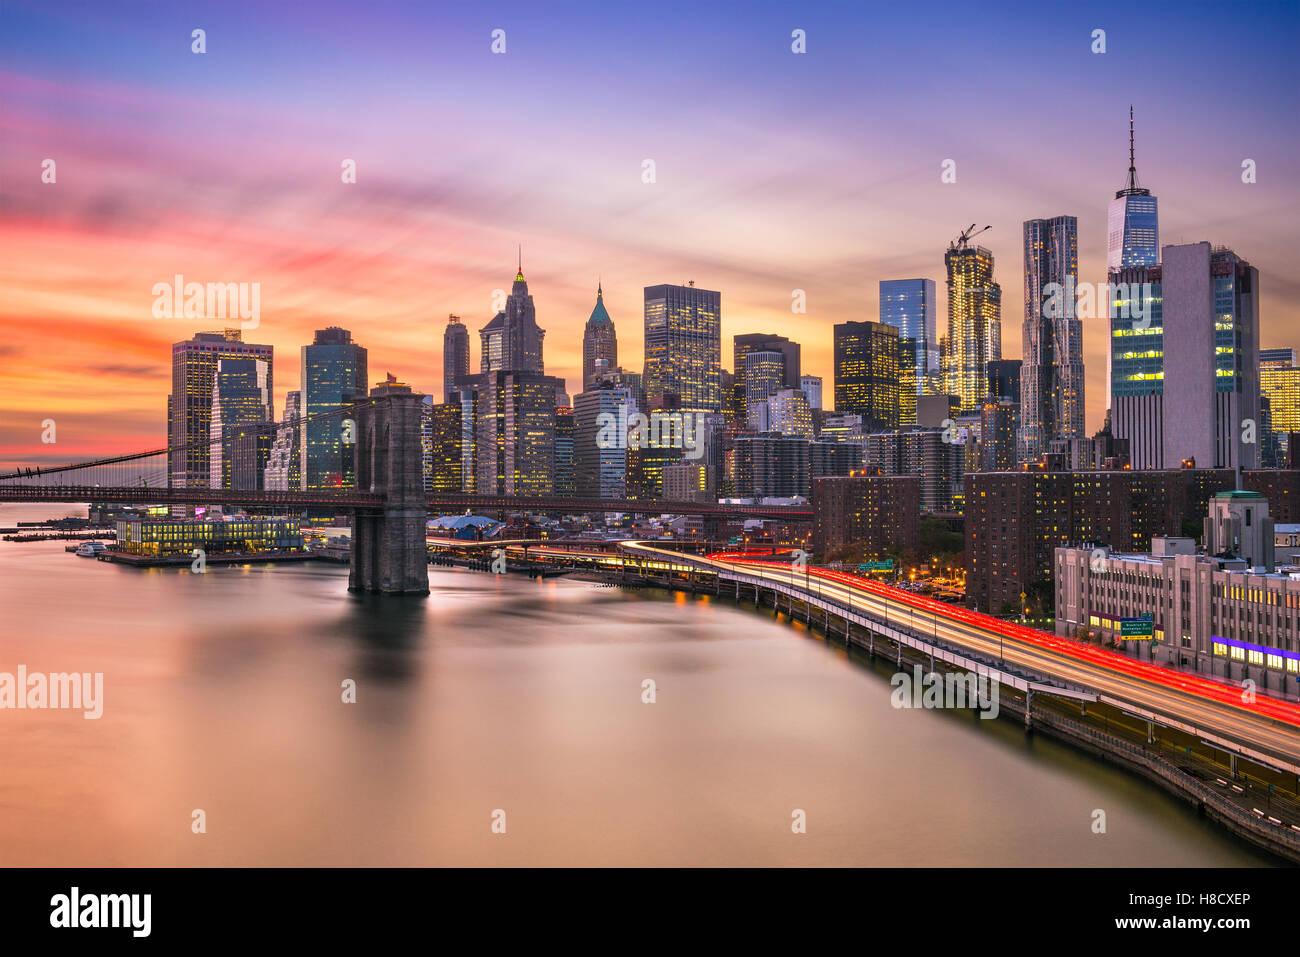 El distrito financiero de la ciudad de Nueva York skyline al atardecer sobre el East River. Foto de stock